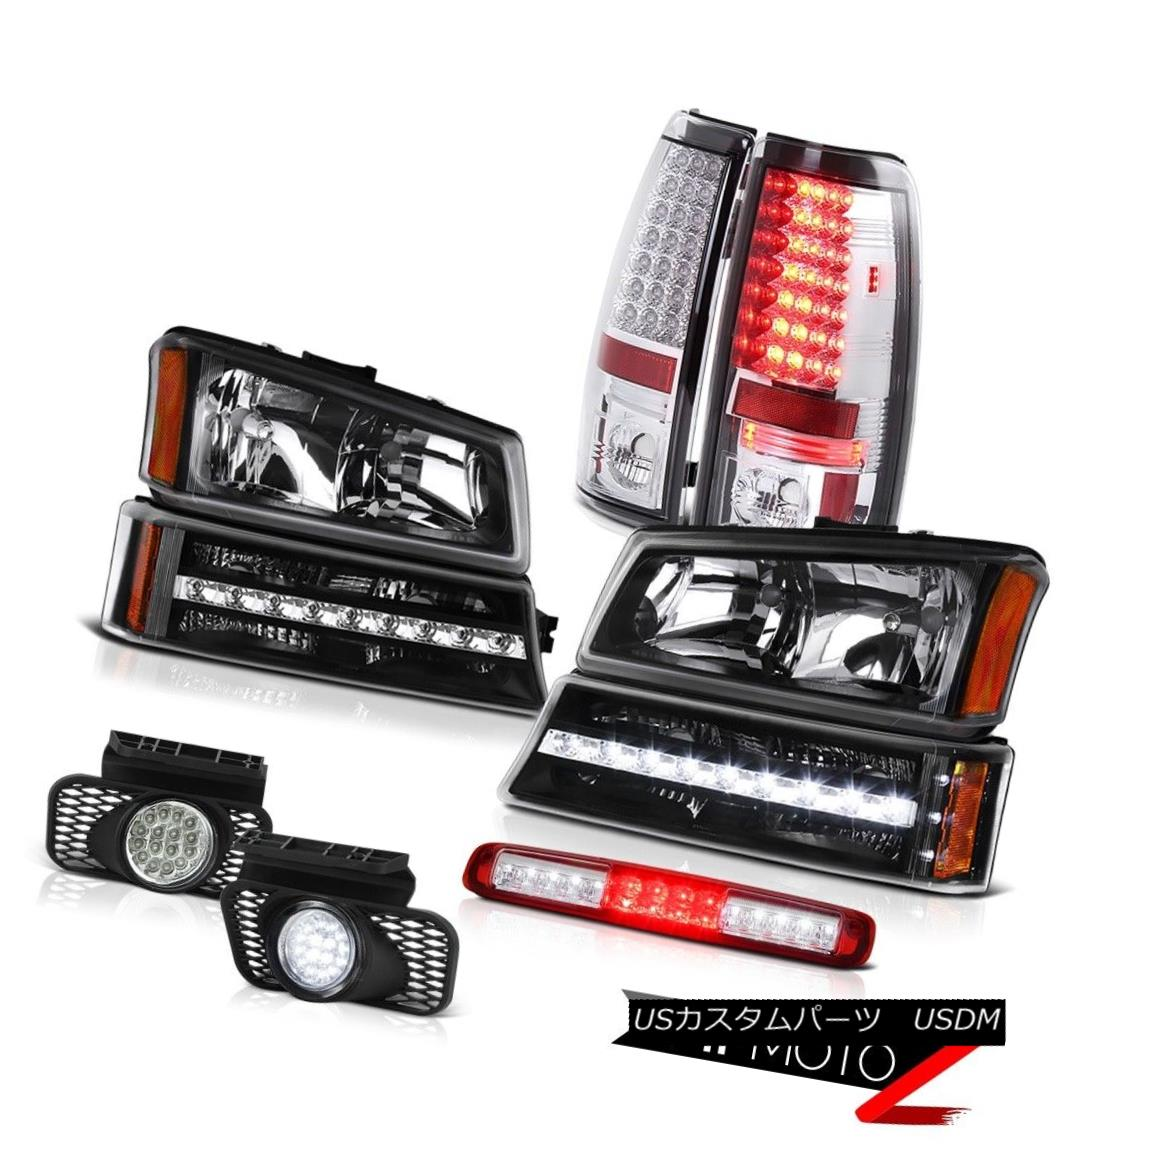 テールライト 03-06 Silverado Red Roof Brake Light Black Headlights Fog Lamps Signal Taillamps 03-06シルバラードレッドルーフブレーキライトブラックヘッドライトフォグランプシグナルタイルランプ